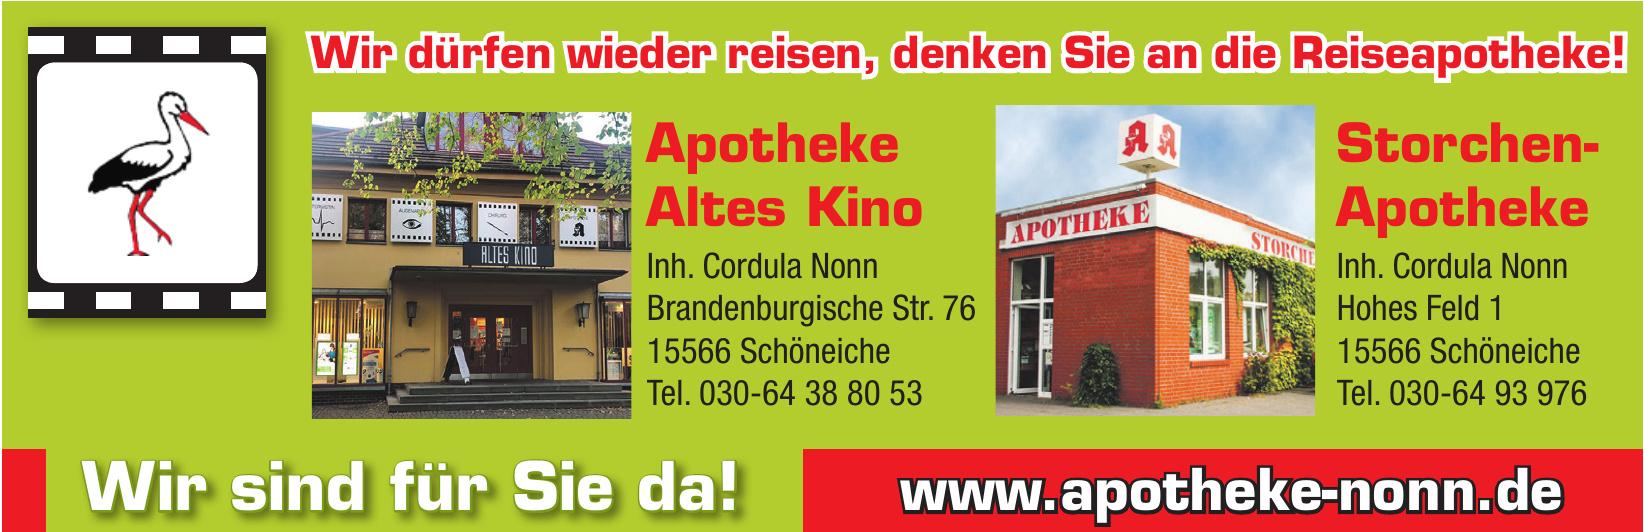 Apotheke Altes Kino